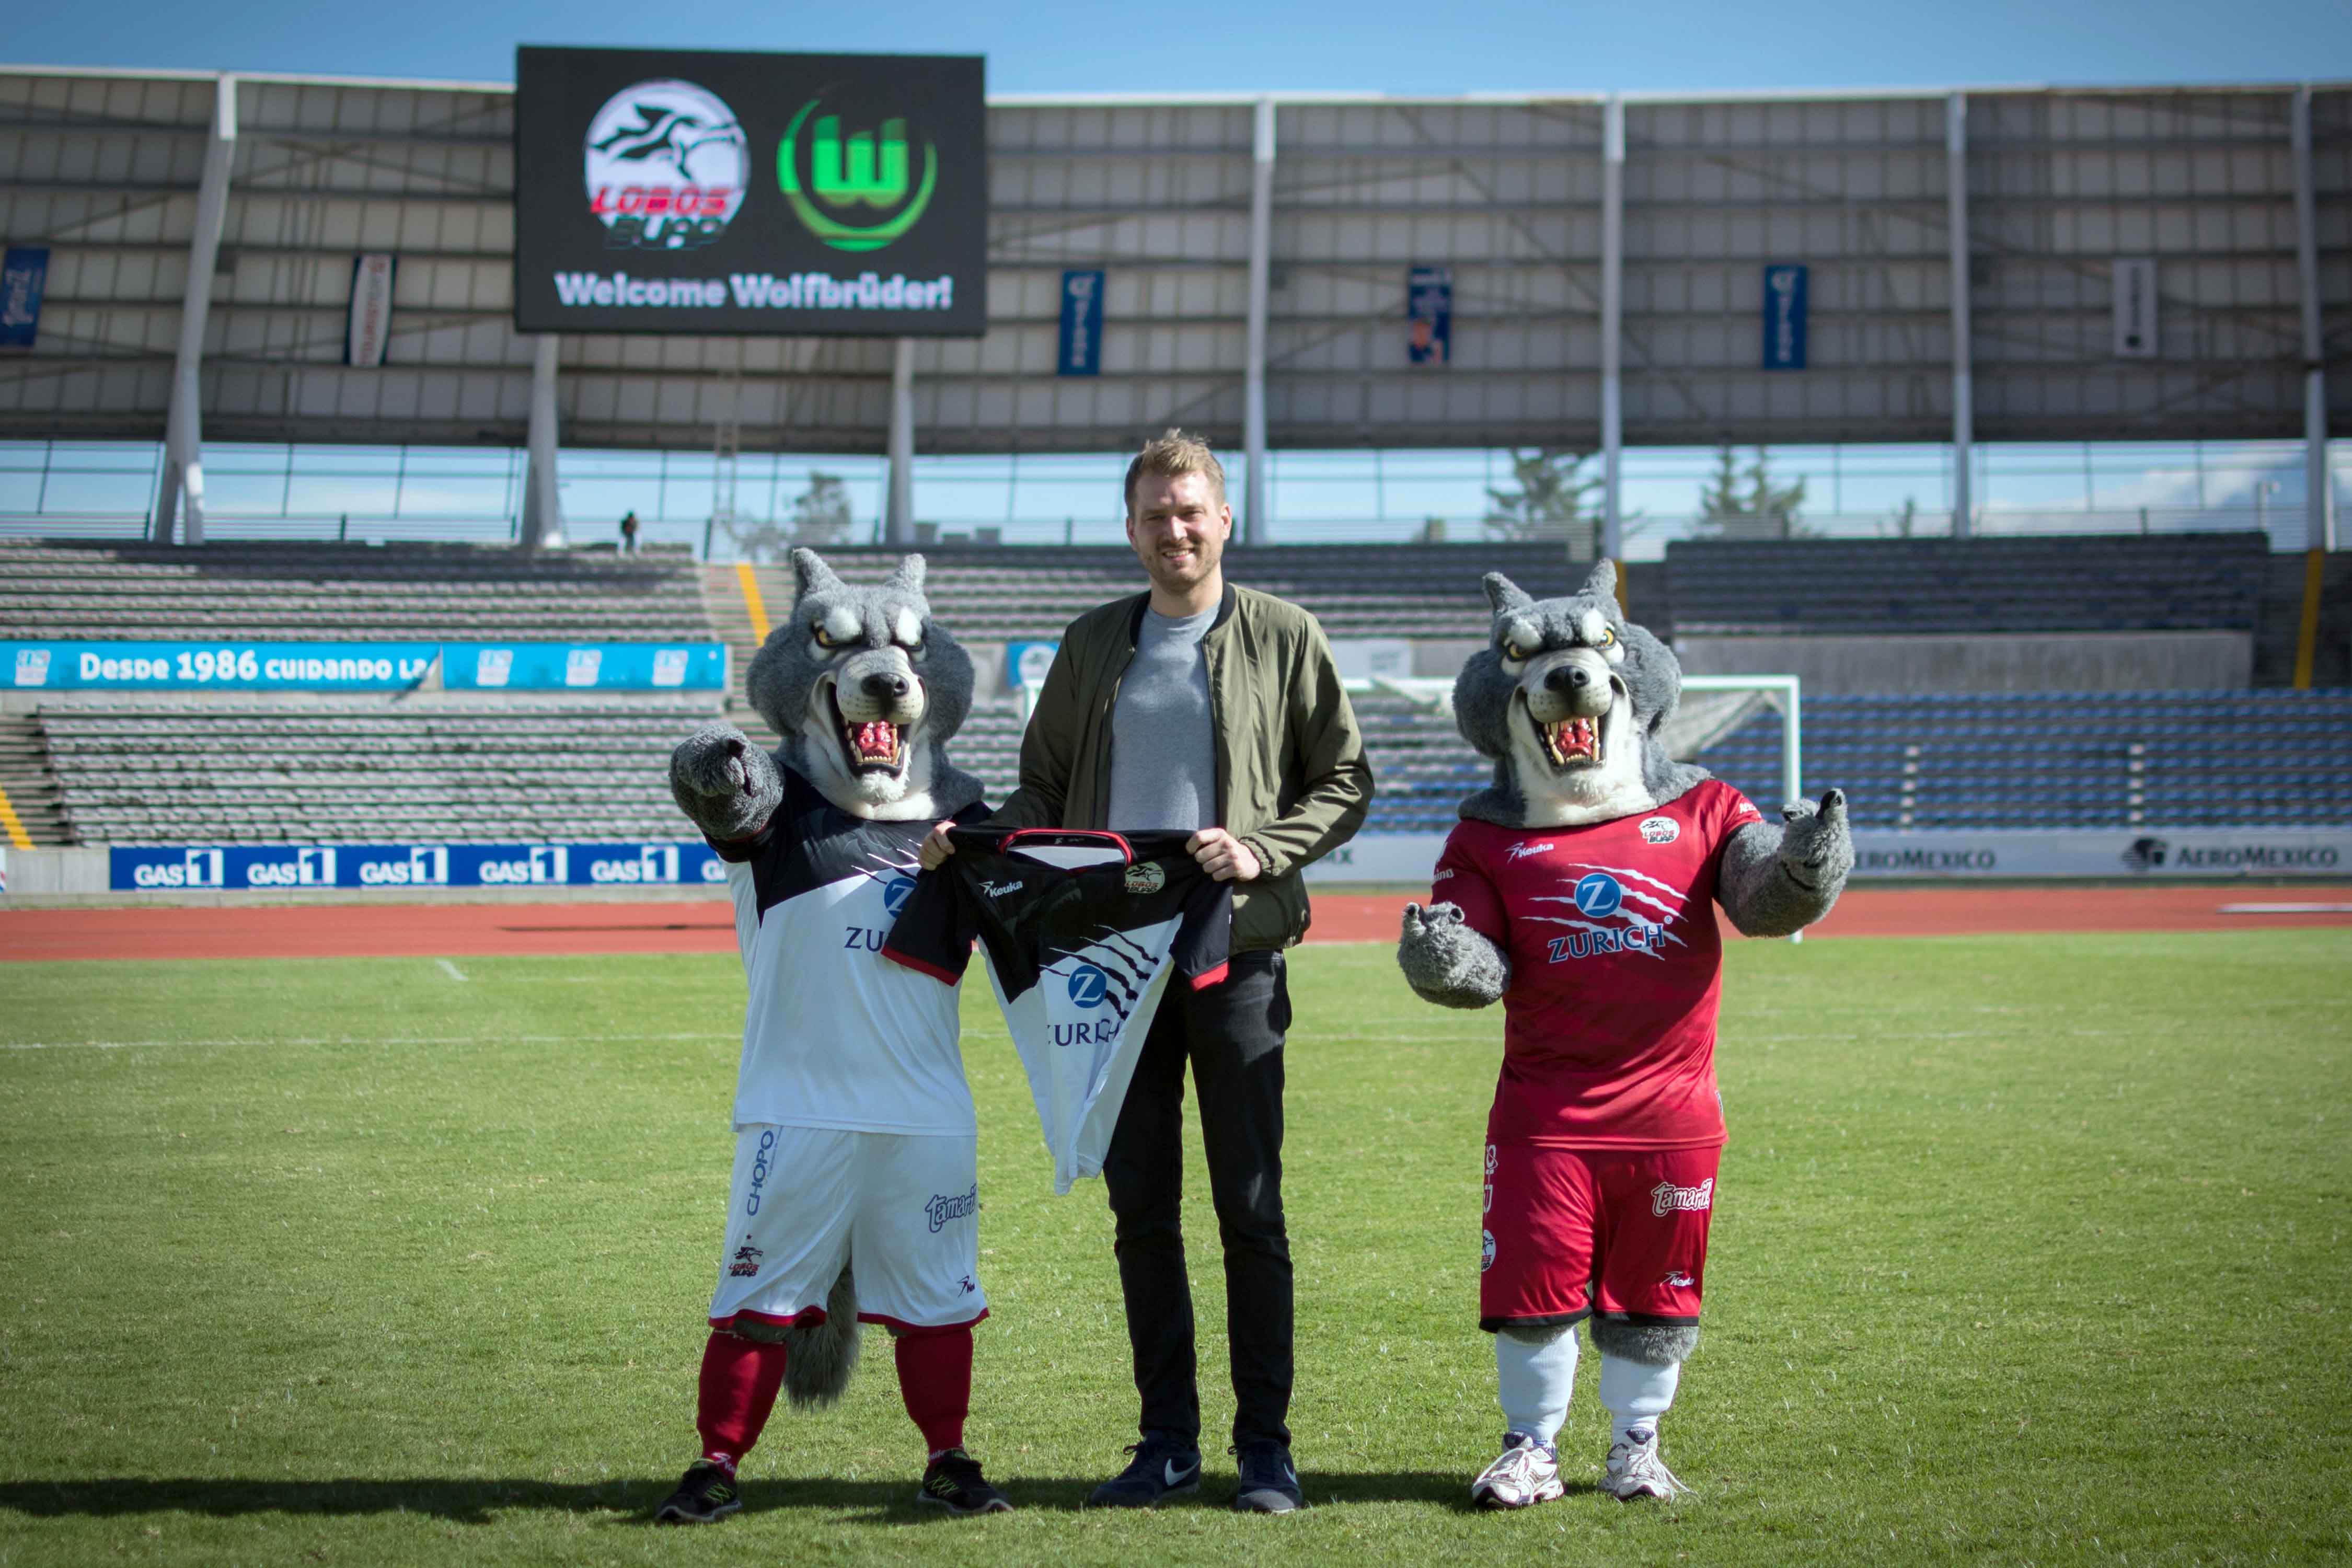 Lobos BUAP, Wolfsburgo, consejos, largo plazo, Esports, métodos, fuerzas básicas, intercambio, talento